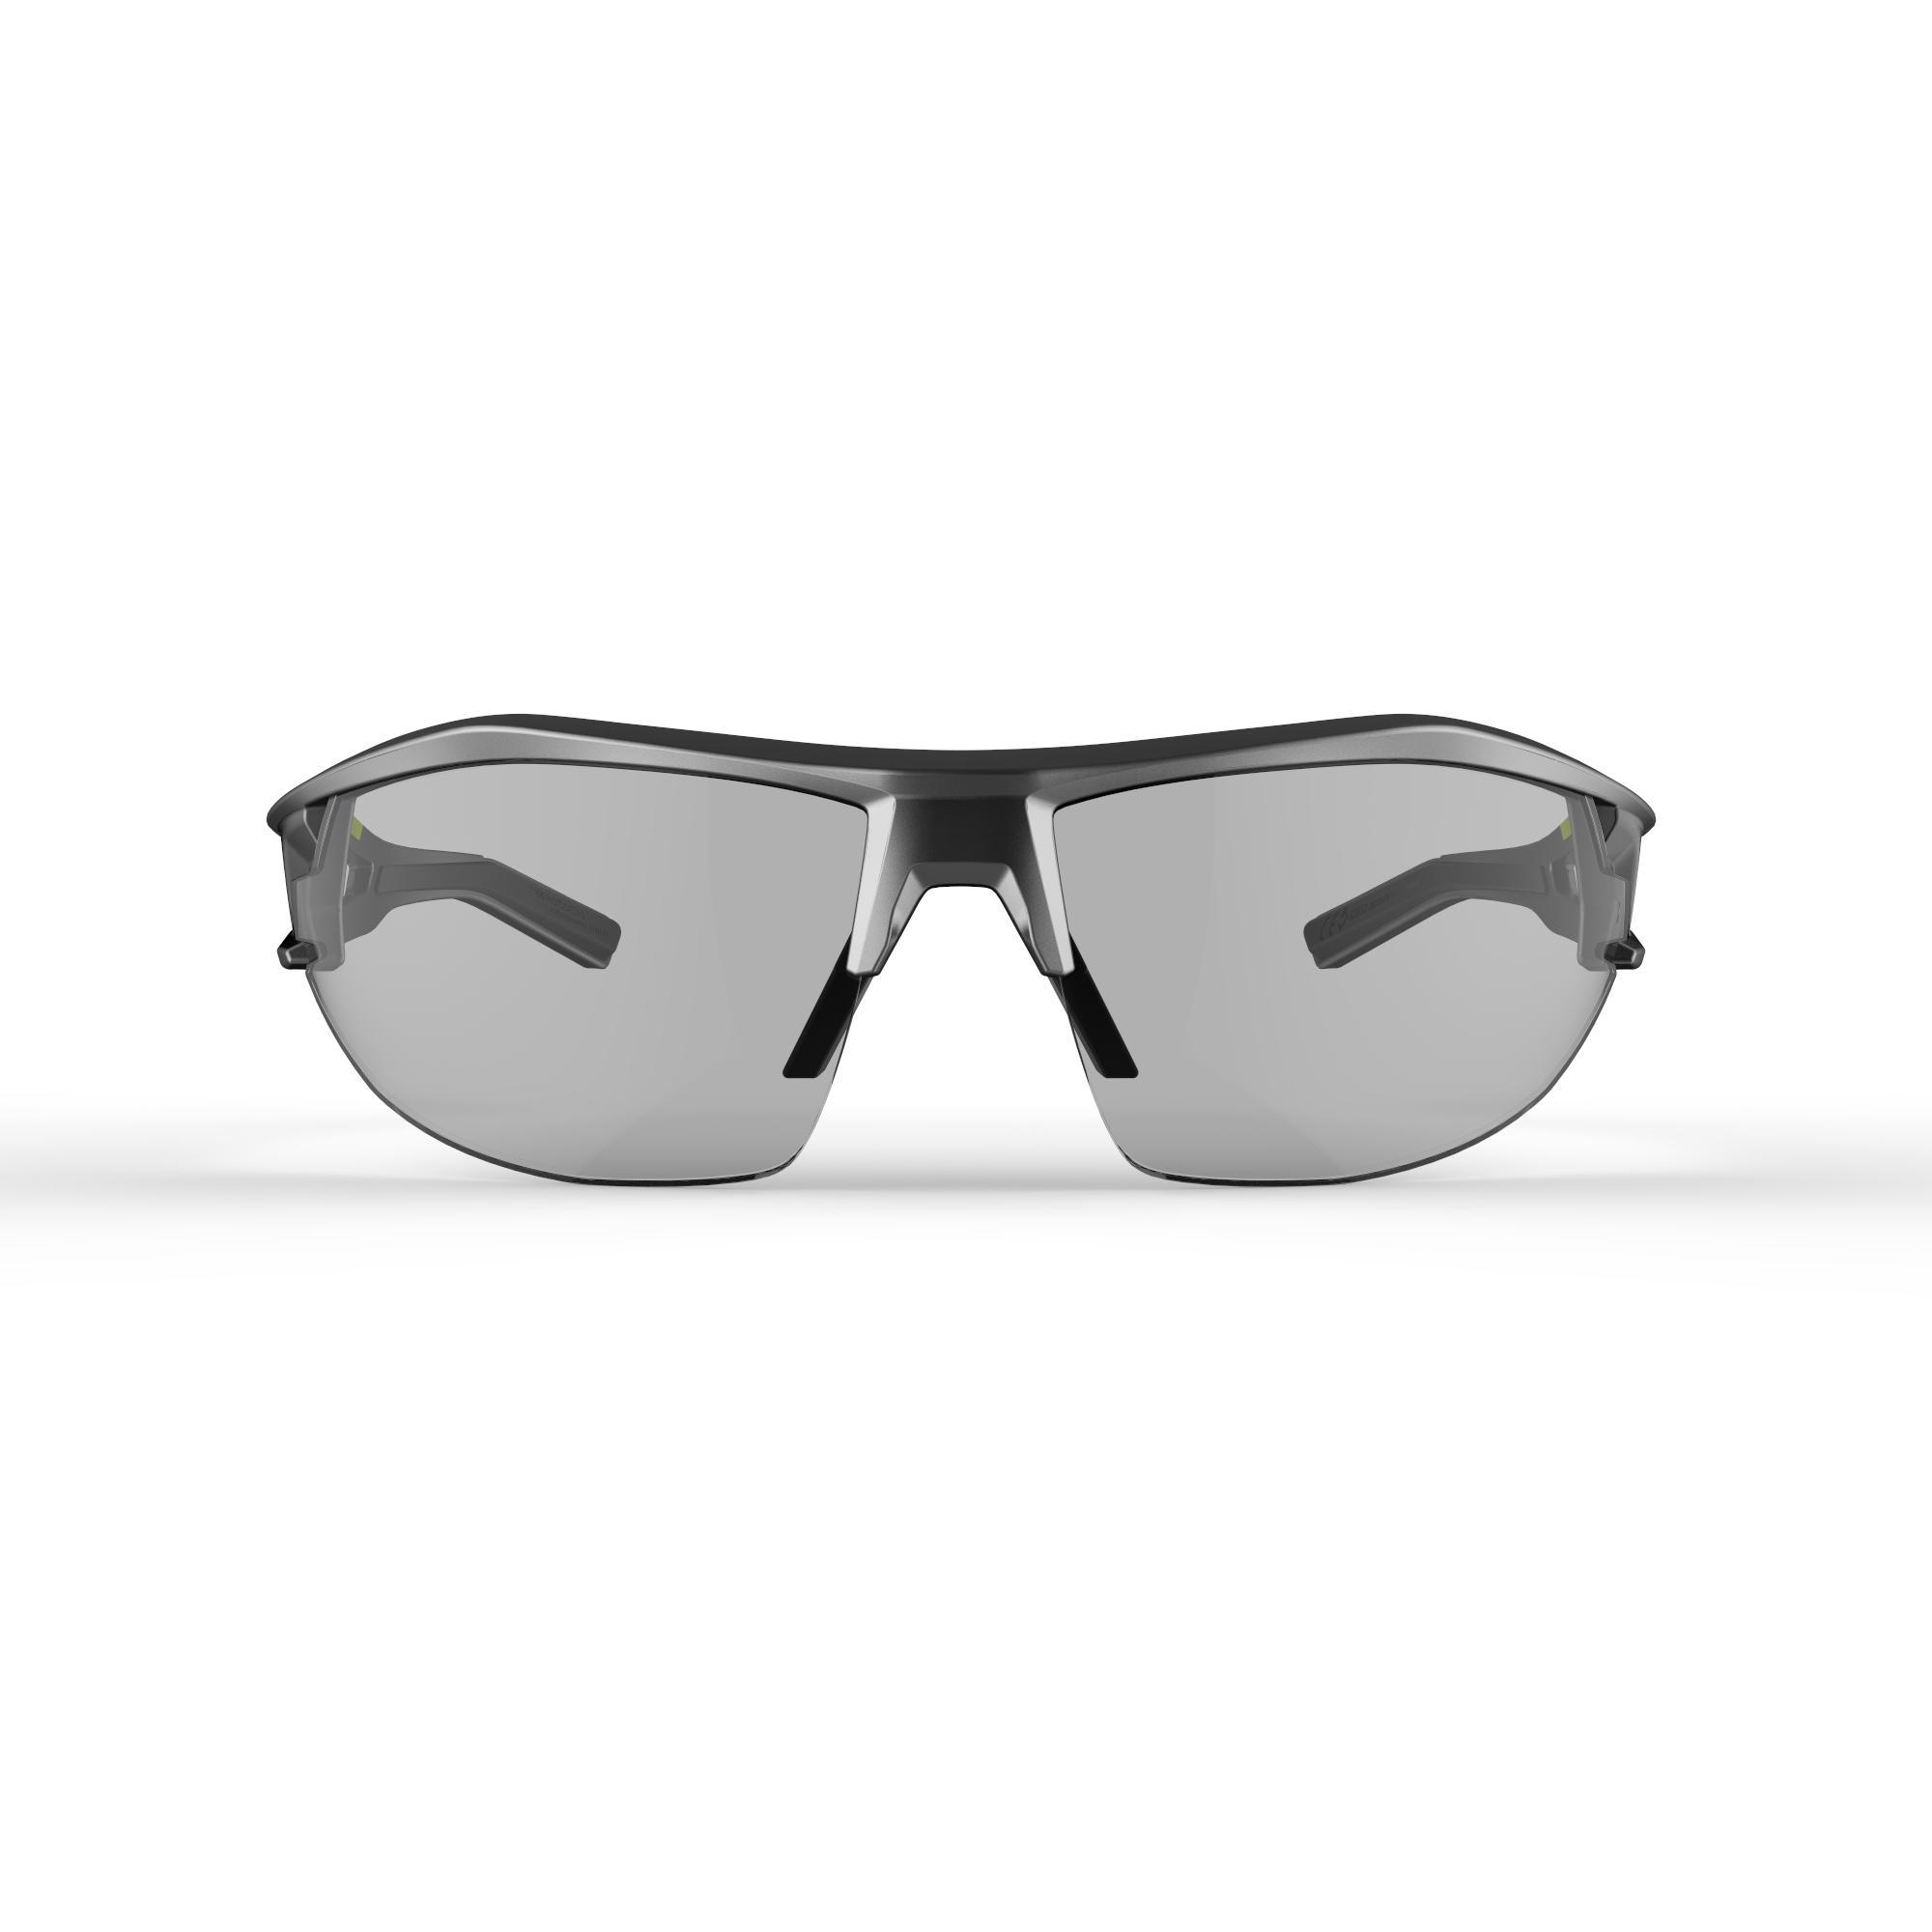 6299a337f4 Lentes de BTT adulto XC 120 fotocromáticos gris y negro categoría 1 a 3